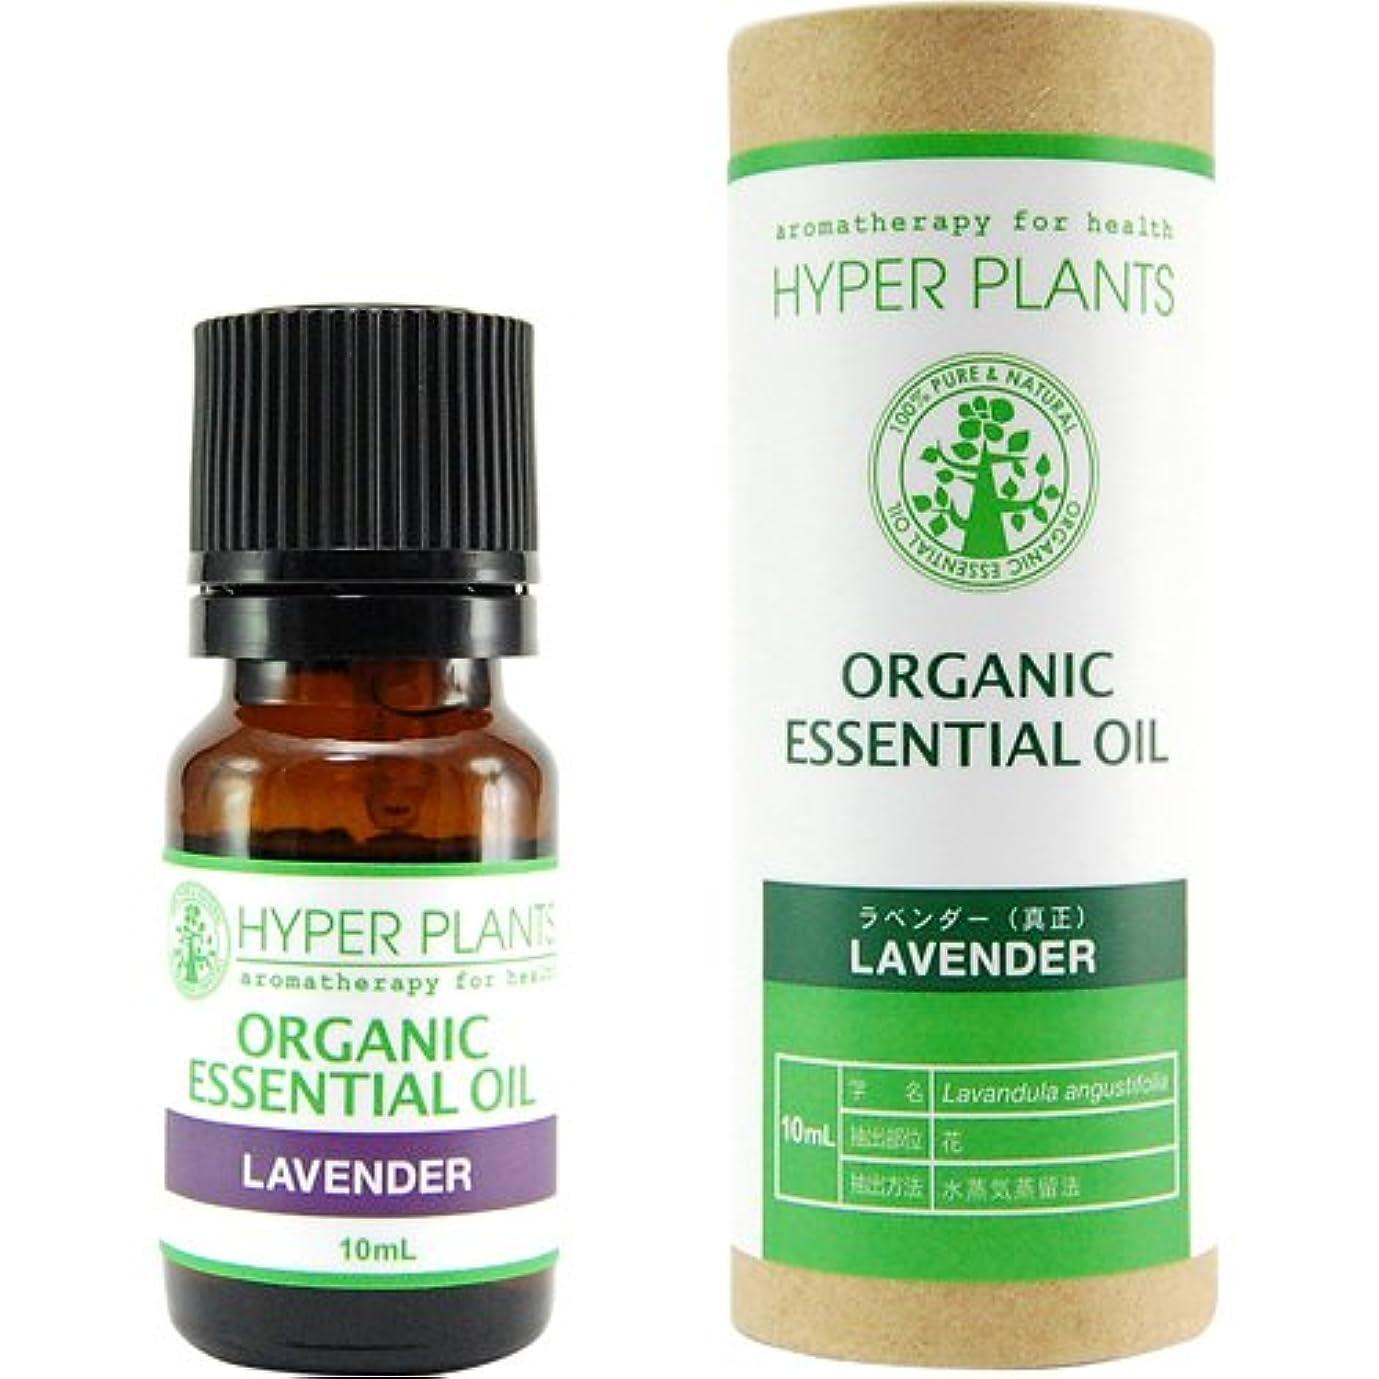 ファイナンス豊かなすべてHYPER PLANTS ハイパープランツ オーガニックエッセンシャルオイル ラベンダー(真正) 10ml HE0207